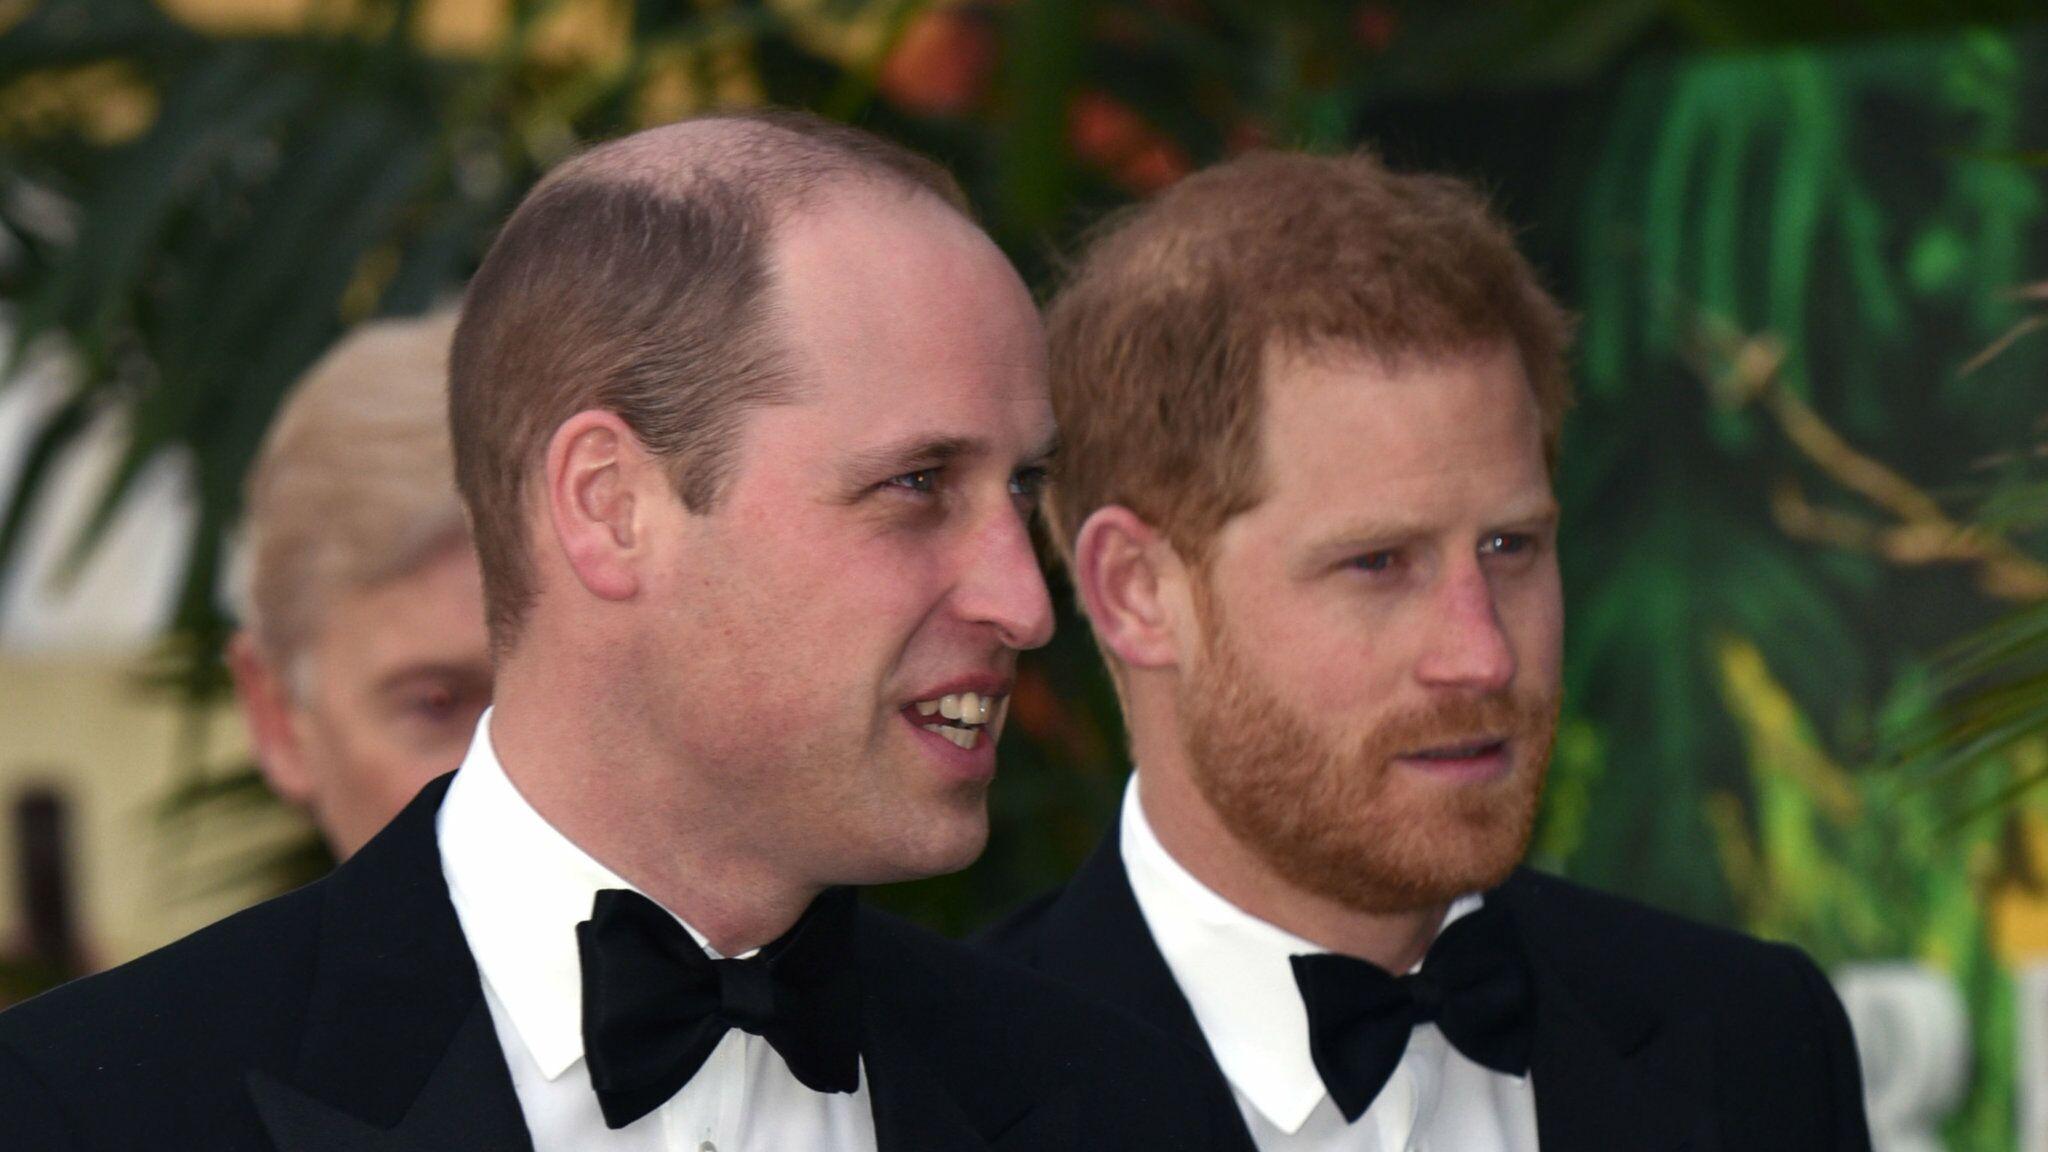 William et Harry : séropositif, l'ancien rugbyman Gareth Thomas reçoit leur soutien